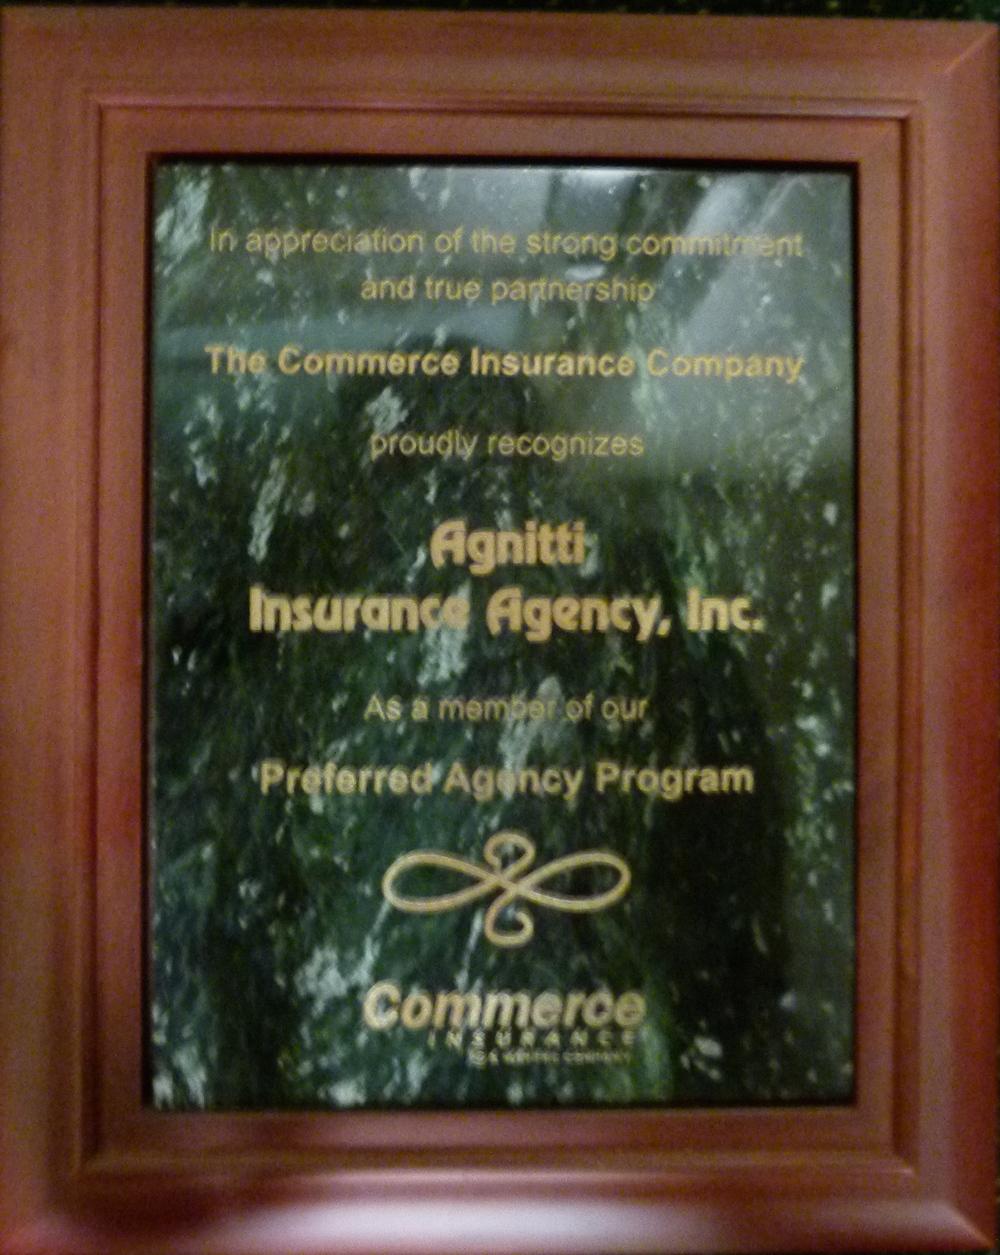 Agnitti-Insurance-Preferred-Agency-Program-Commerce